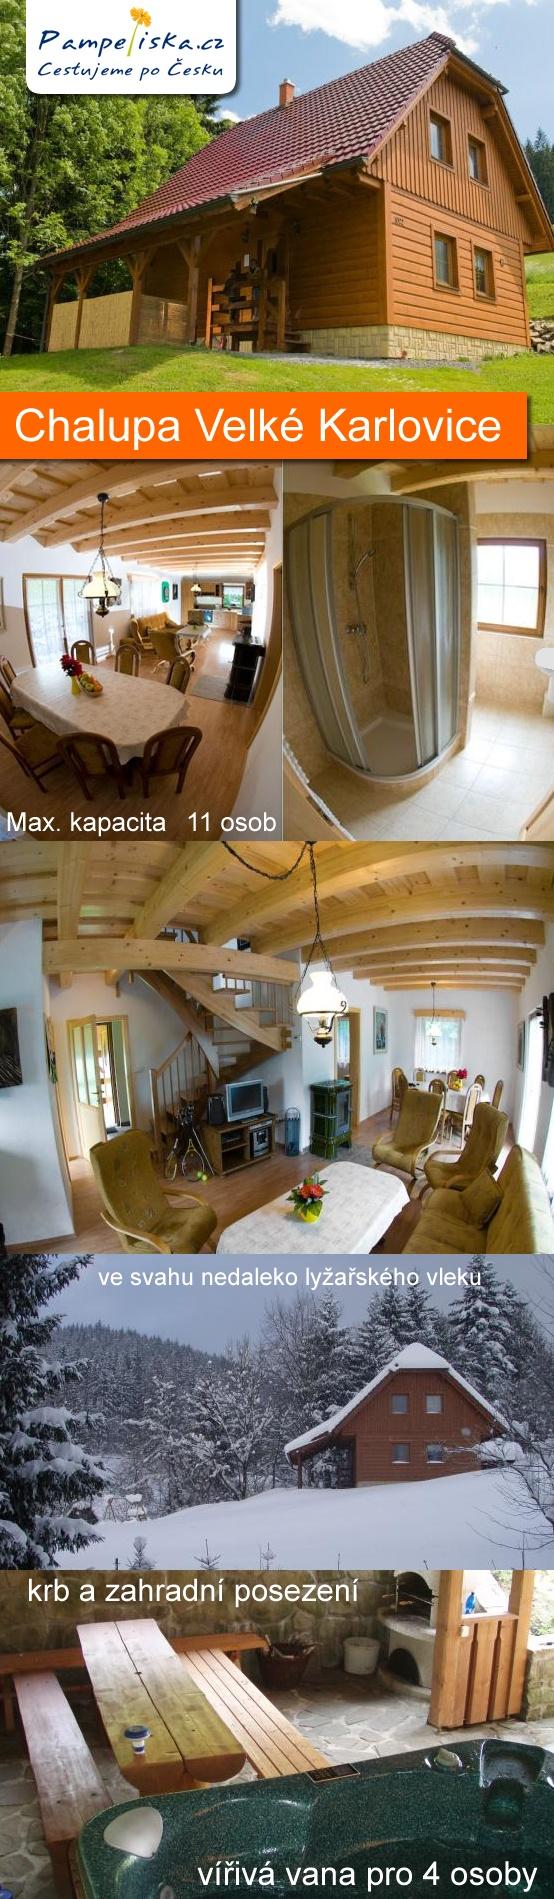 Rekonstruovaná dřevěná chalupa je postavena ve svahu nedaleko lyžařského vleku v krásném prostředí krajinné oblasti Beskydy.